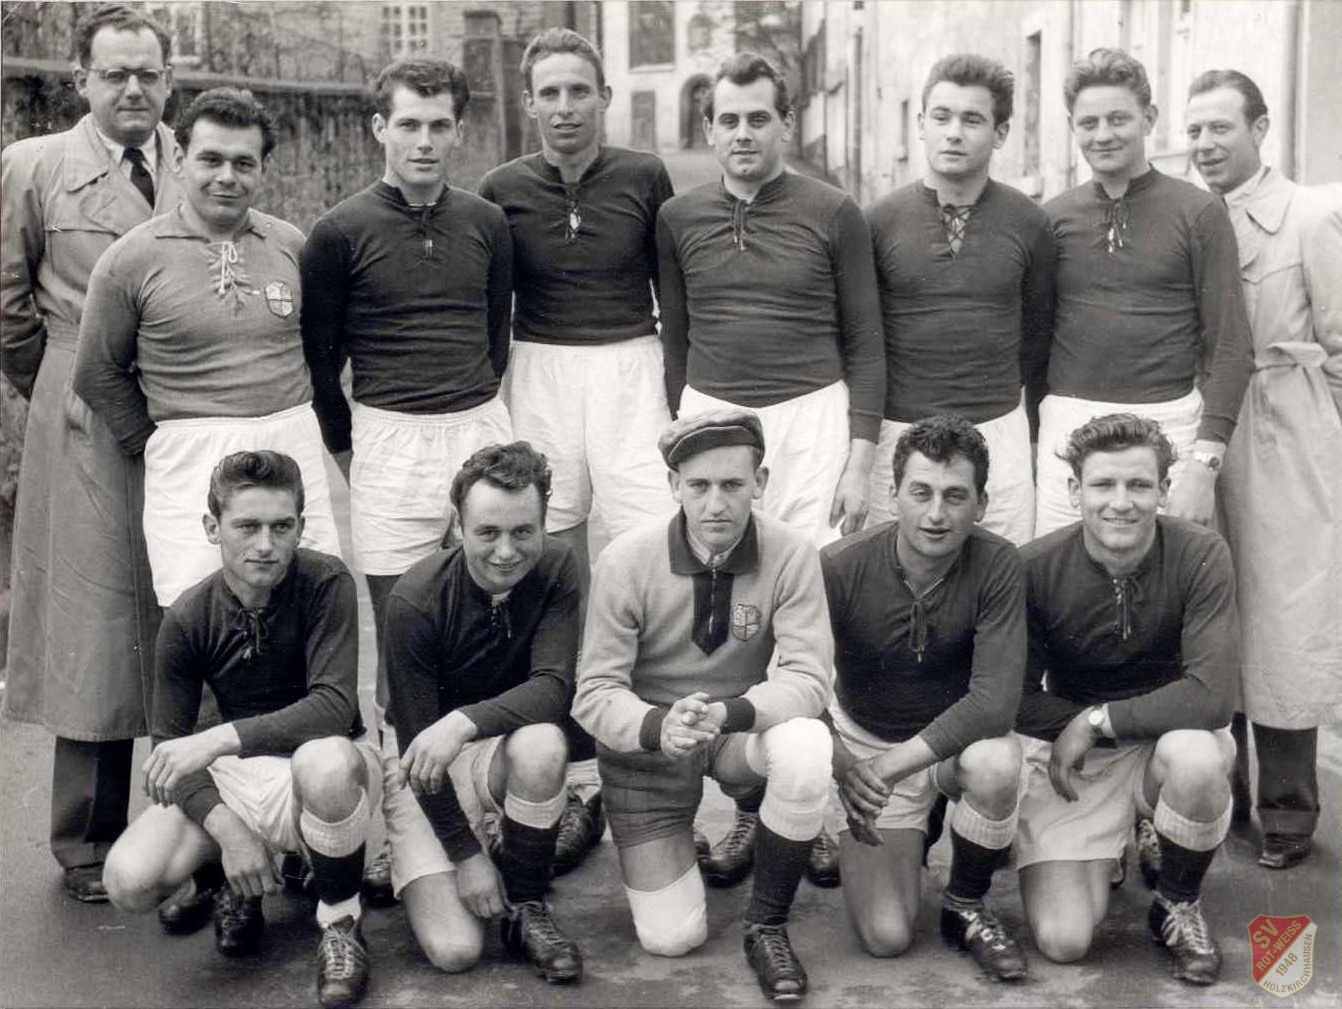 Meistermannschaft 1958